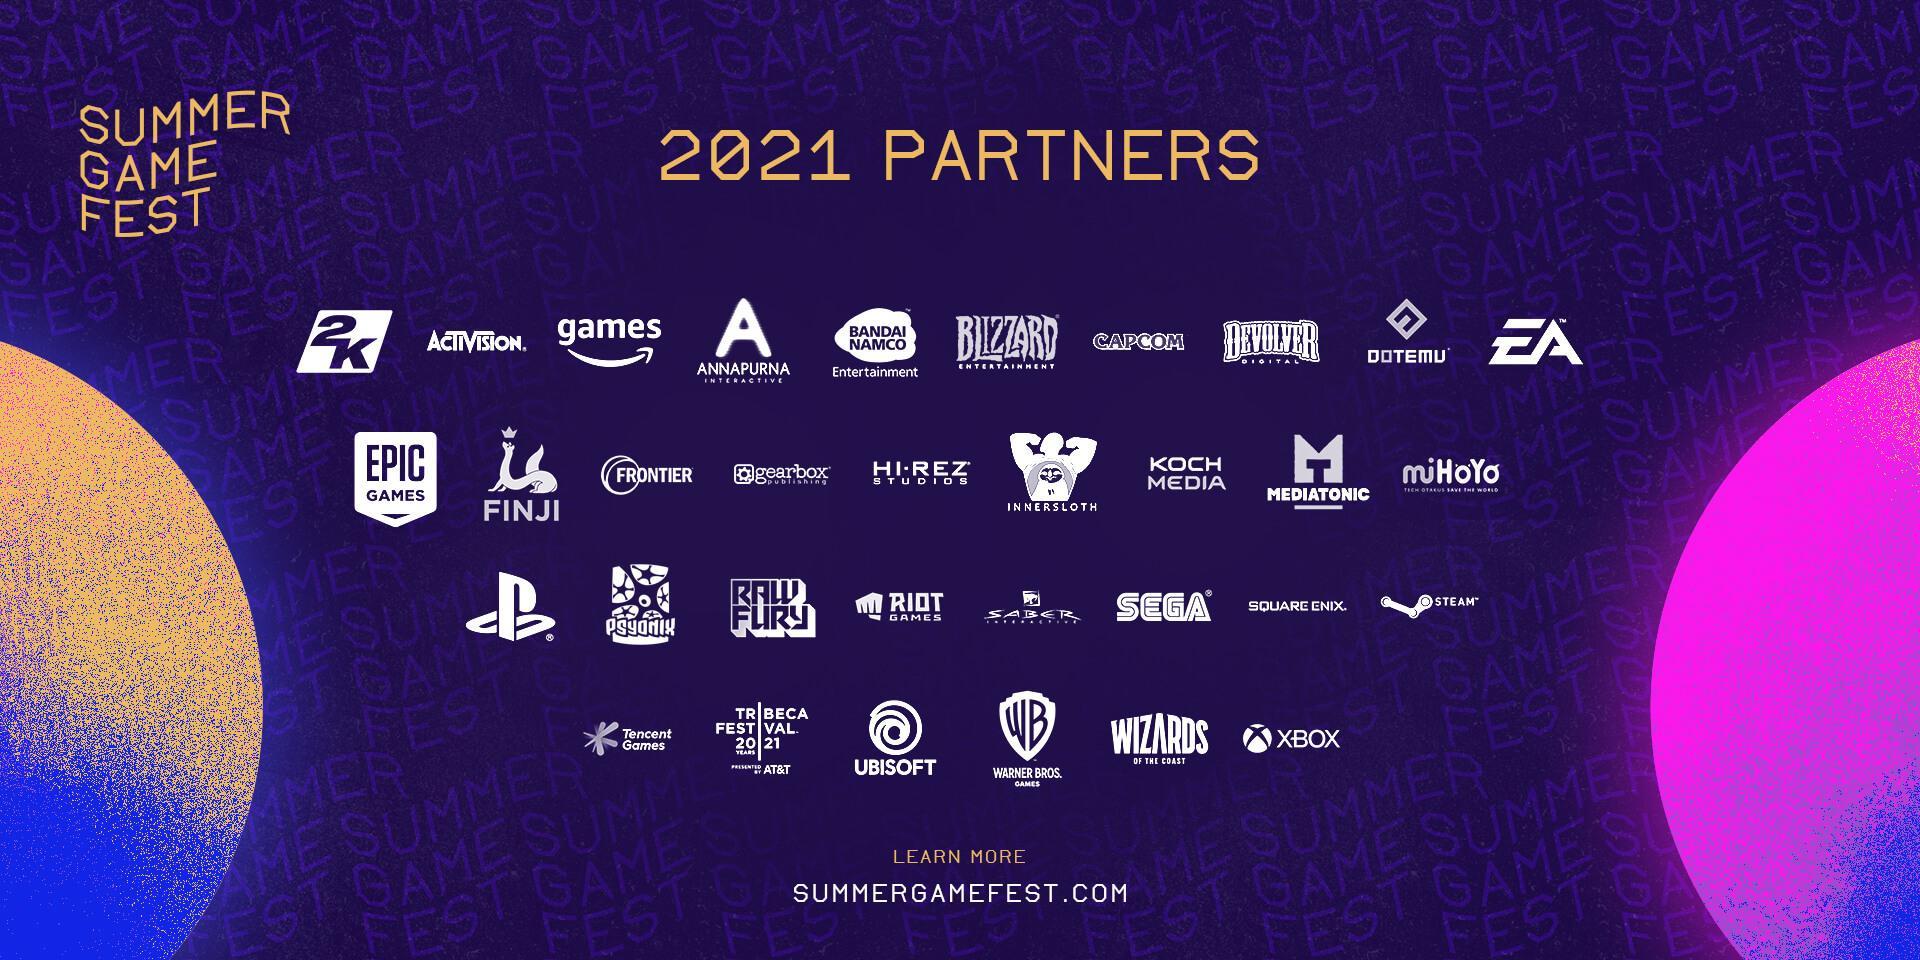 """Geoff Keighley sobre los juegos en el Summer Game Fest: """"Hay que ser cautelosos con las expectativas"""""""